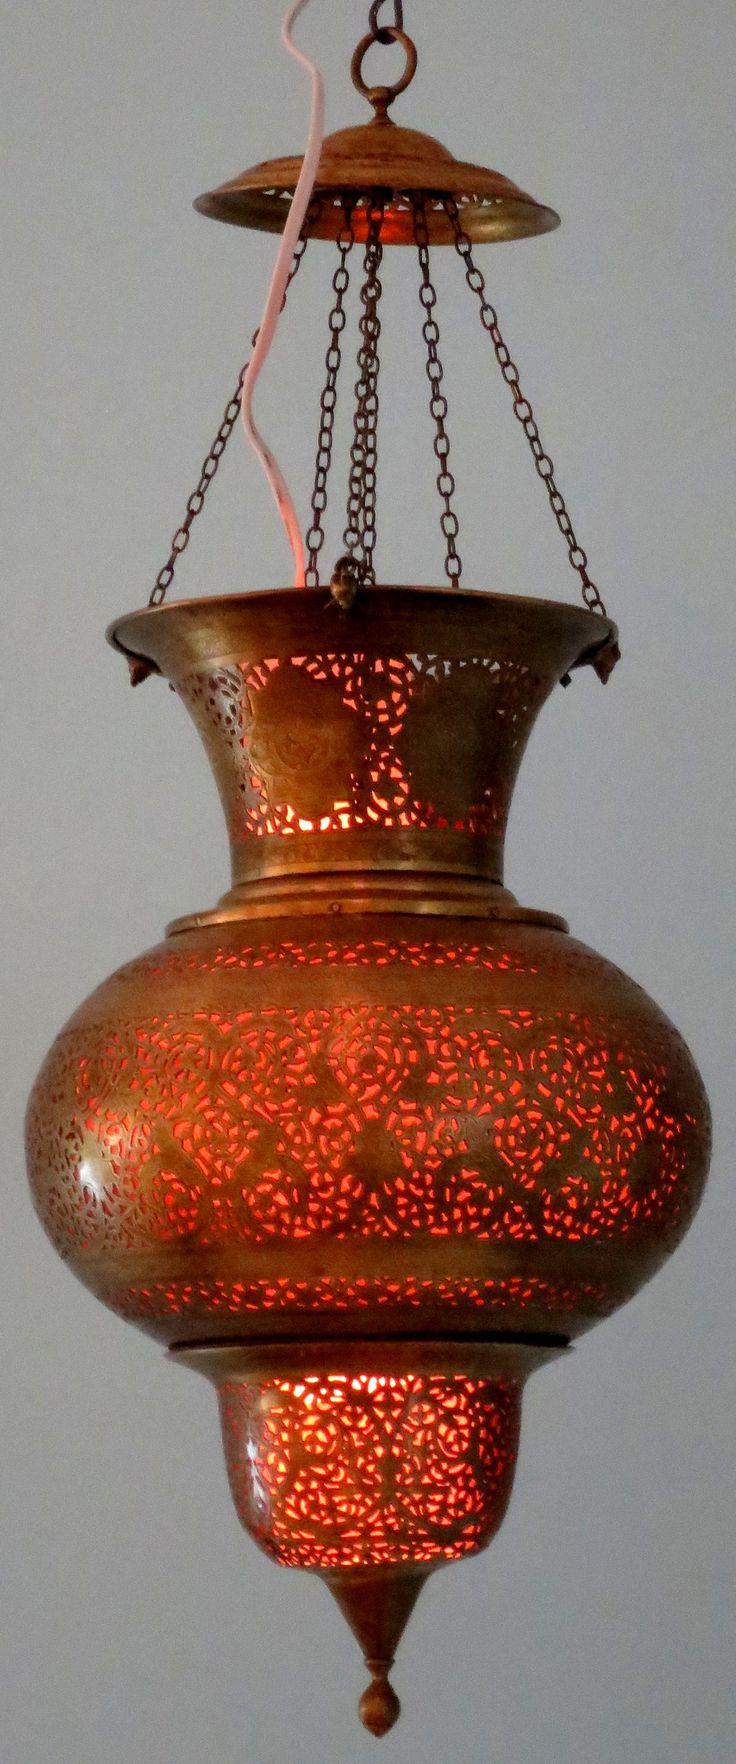 Lampes géniales intérieurs marocains conception bohème marocaine moderne lanternes marocaines vie de bohème intérieurs victoriens turkish decor